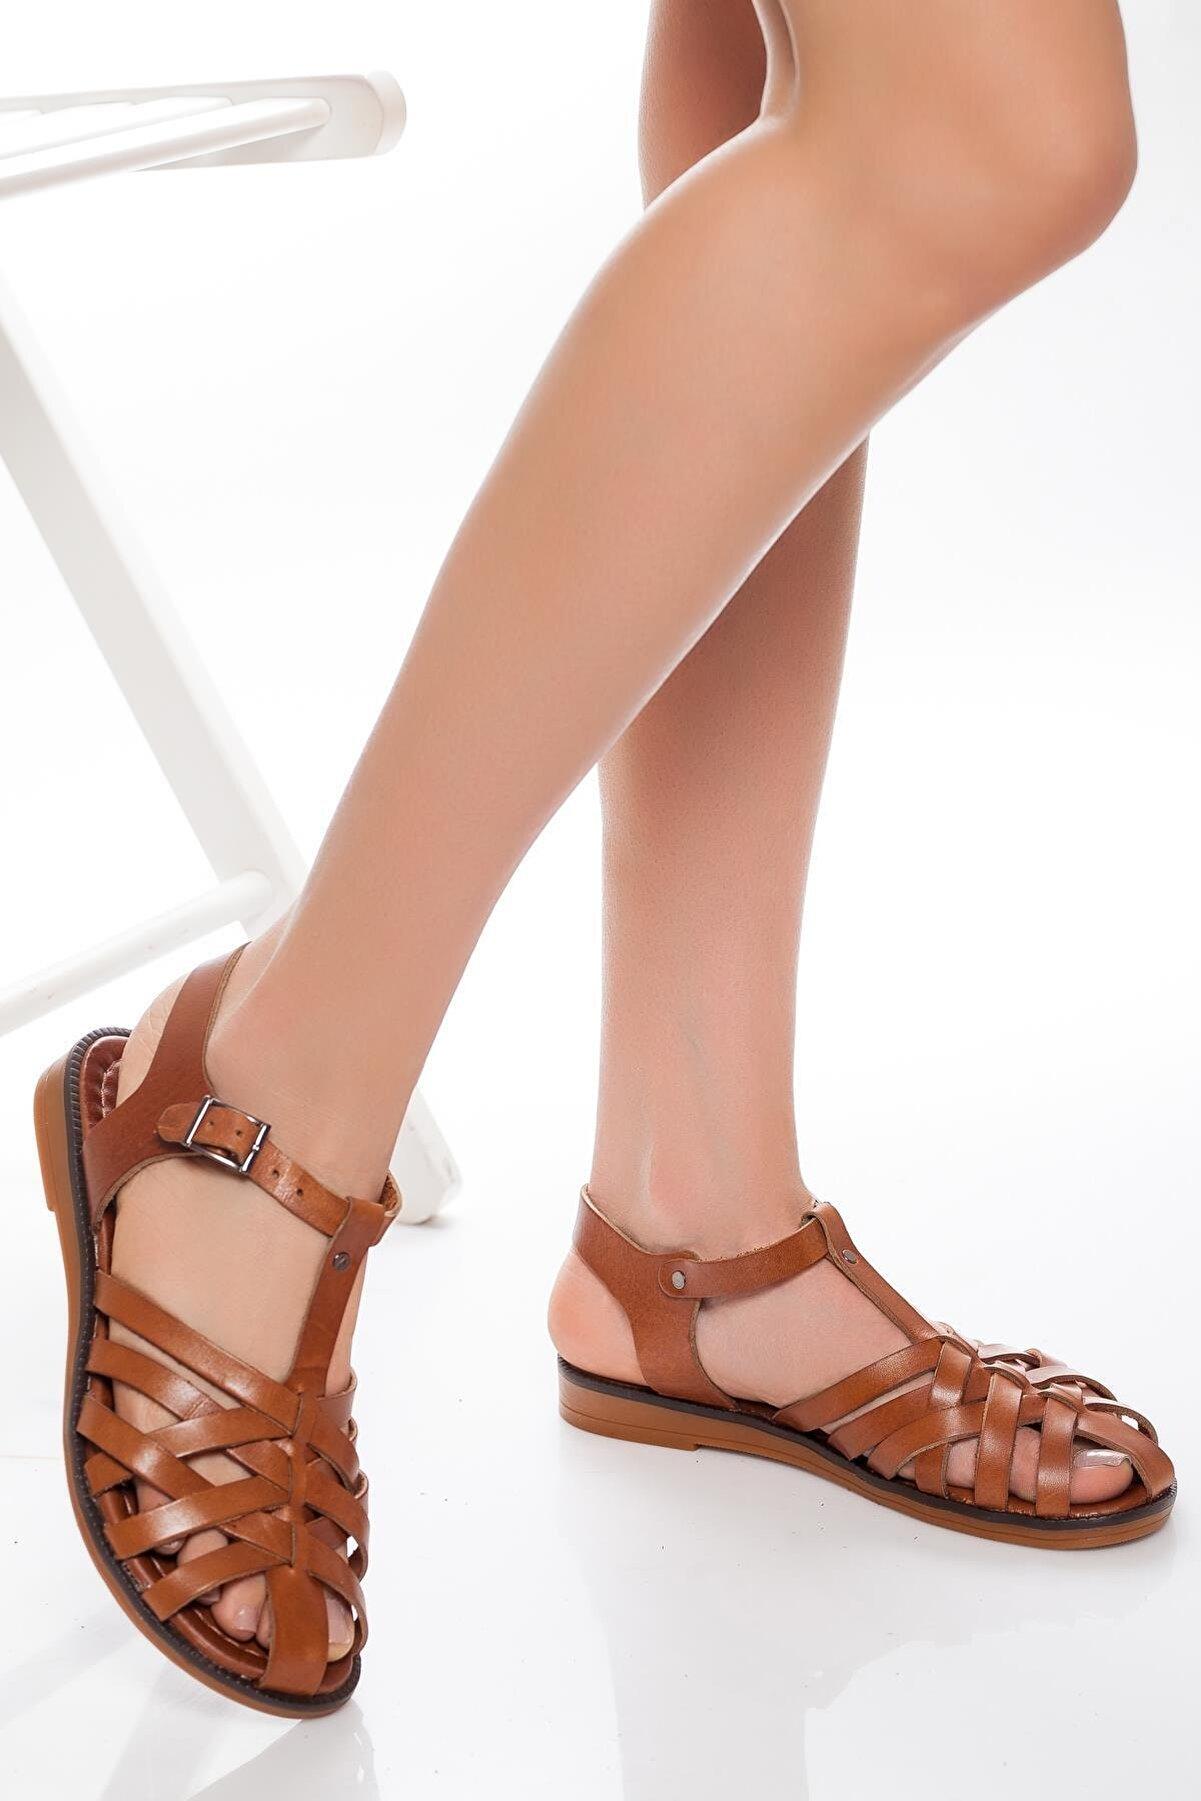 Deripabuc - Çeşme Hakiki Deri Taba Kadın Deri Sandalet Rma-3081